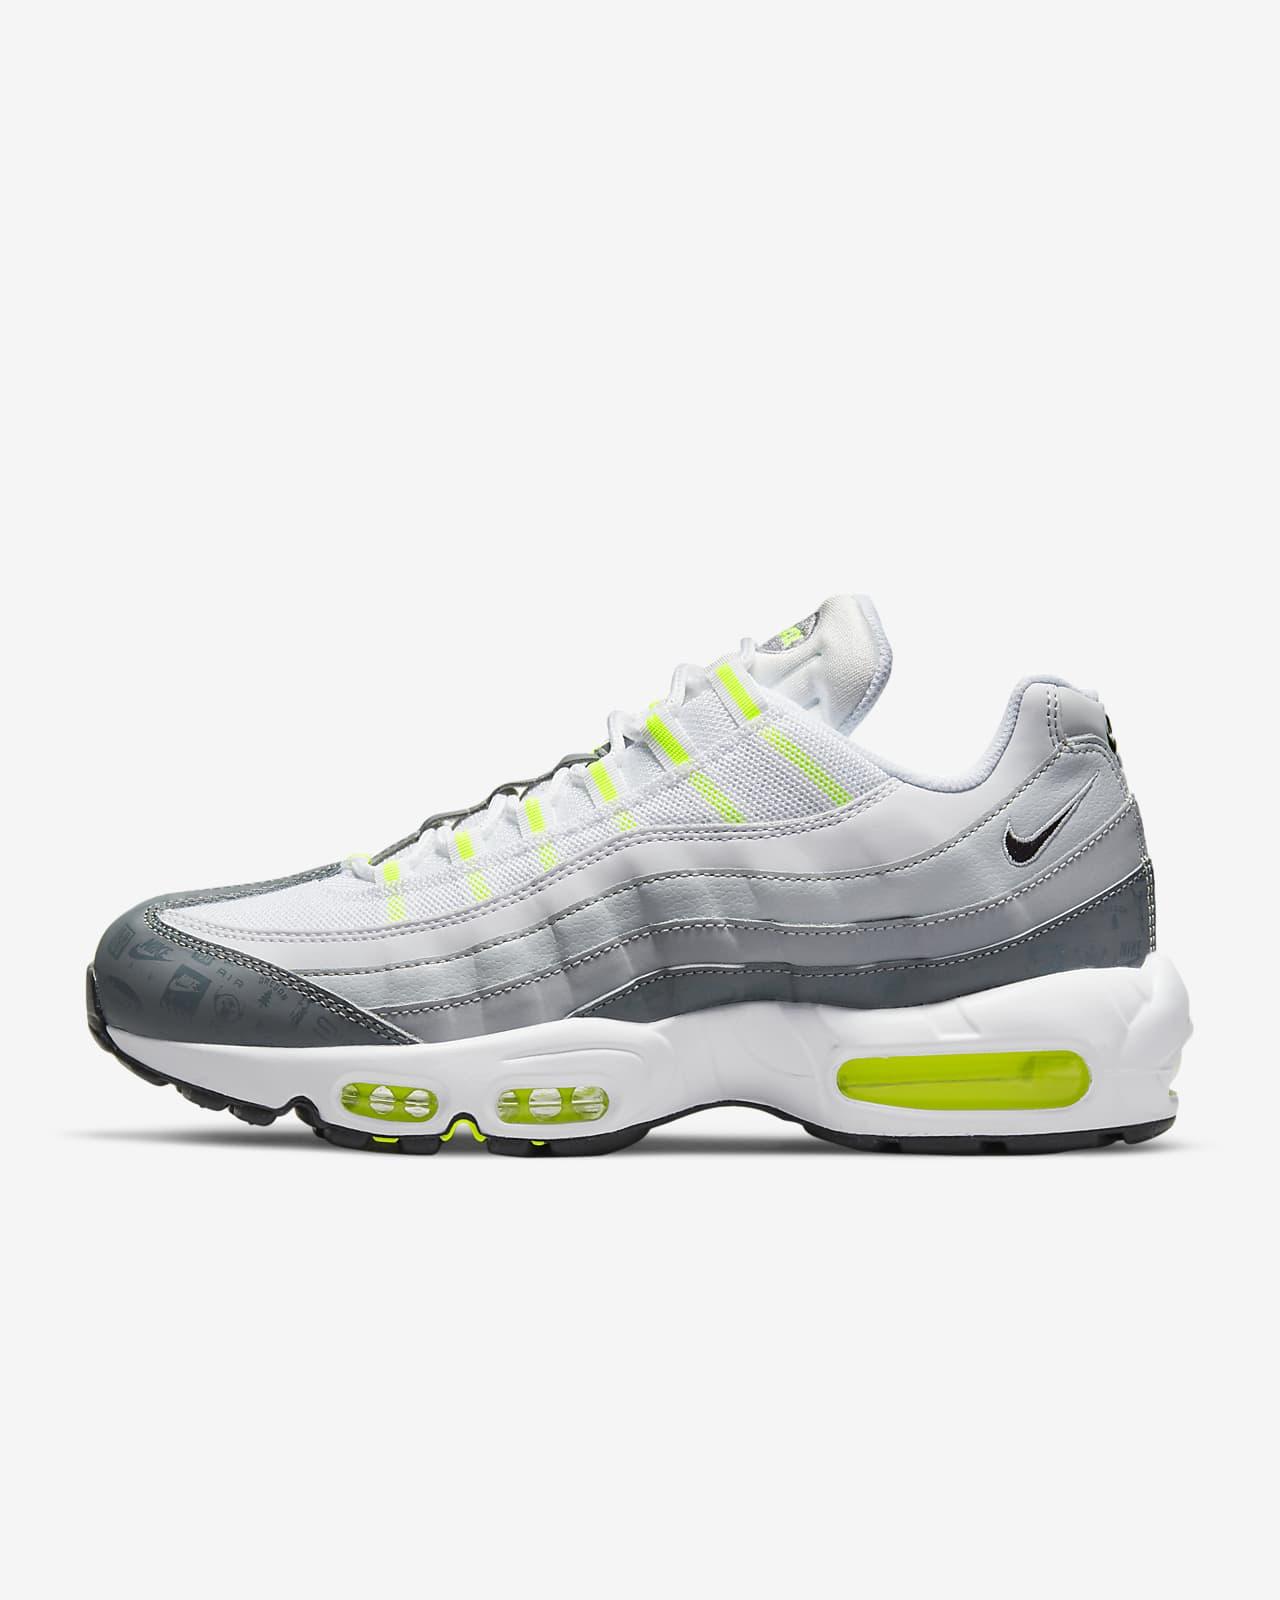 รองเท้าผู้ชาย Nike Air Max 95